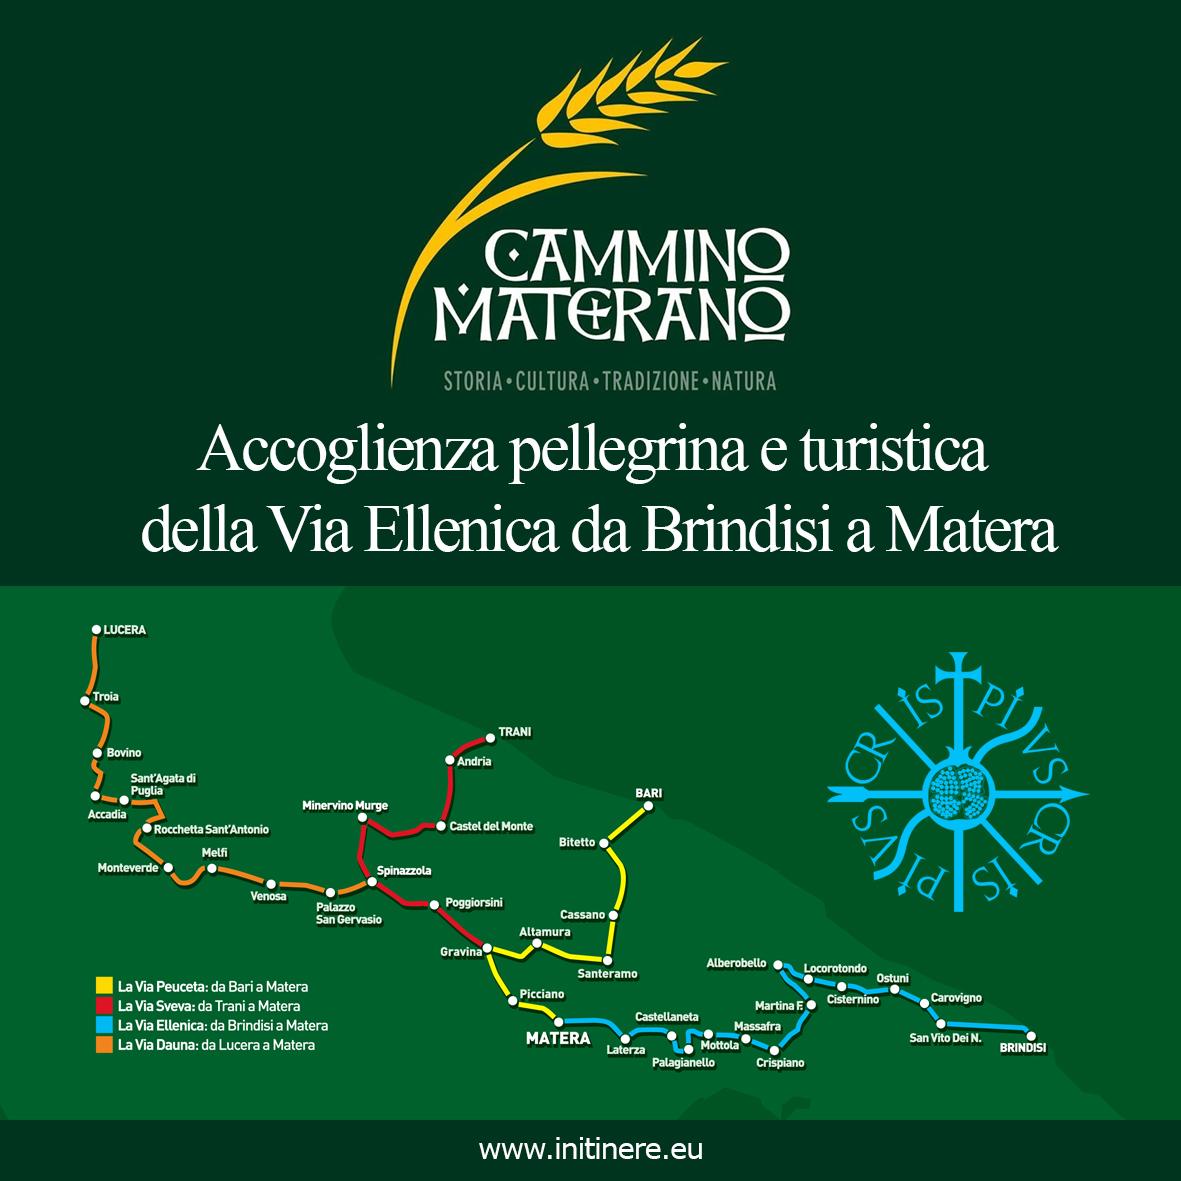 Cammino Materano